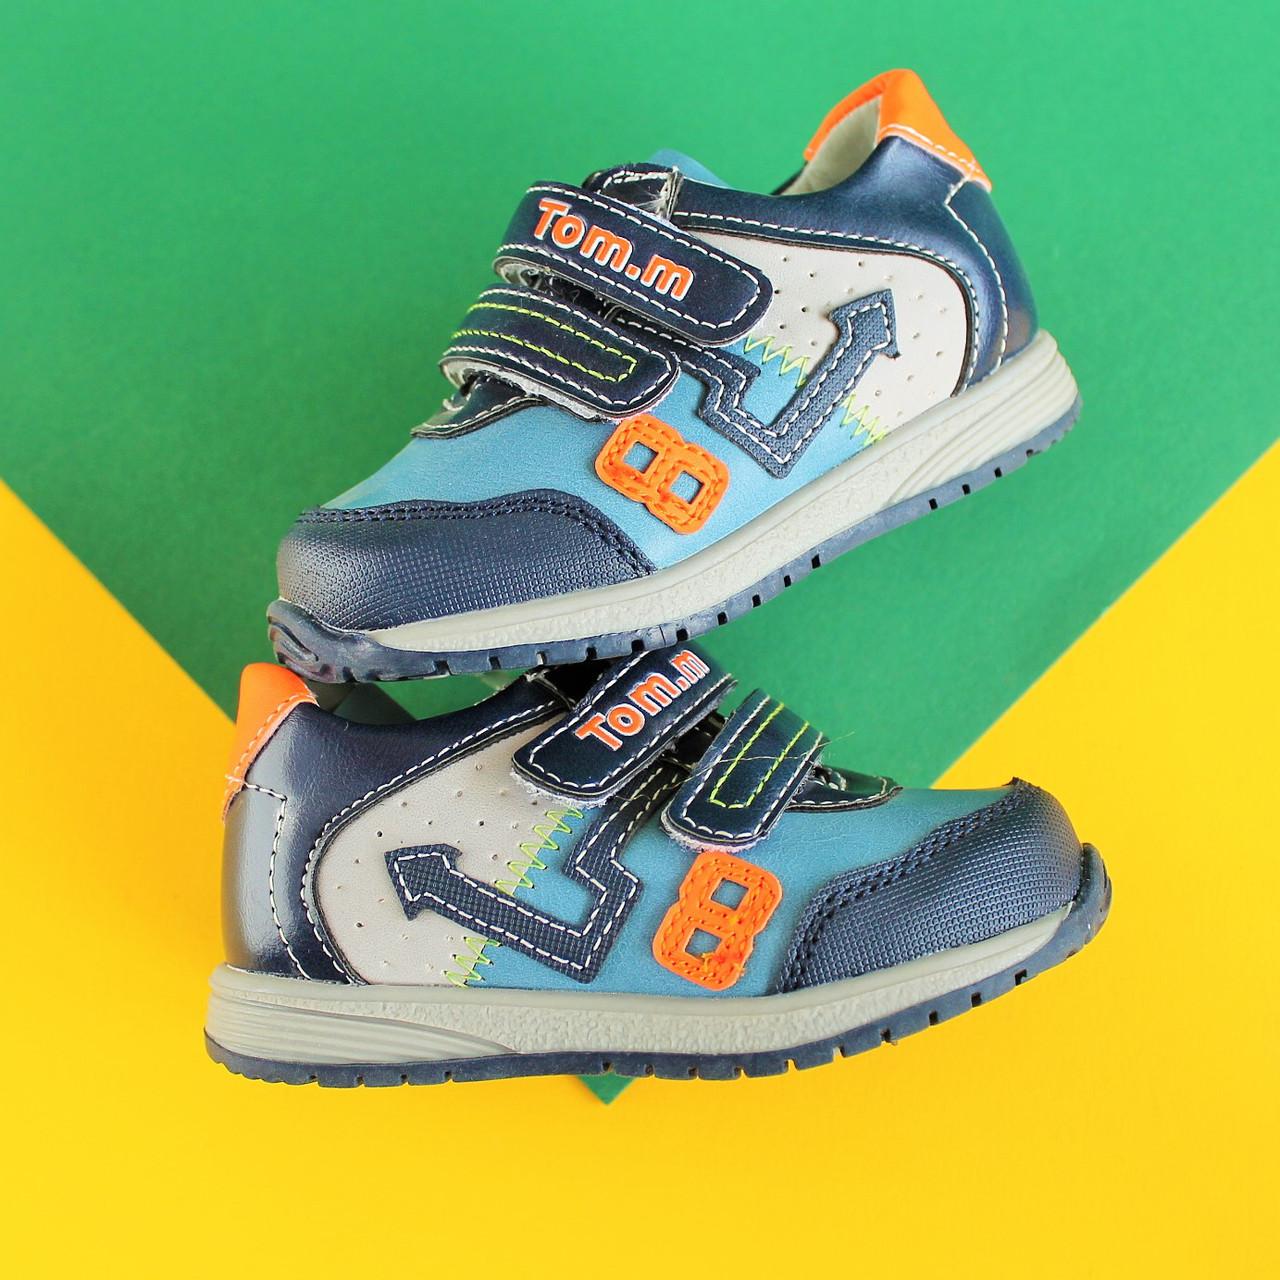 cfed3efa1 Купить Детские ботинки на мальчика, демисезонная обувь тм Tomm р.21 ...